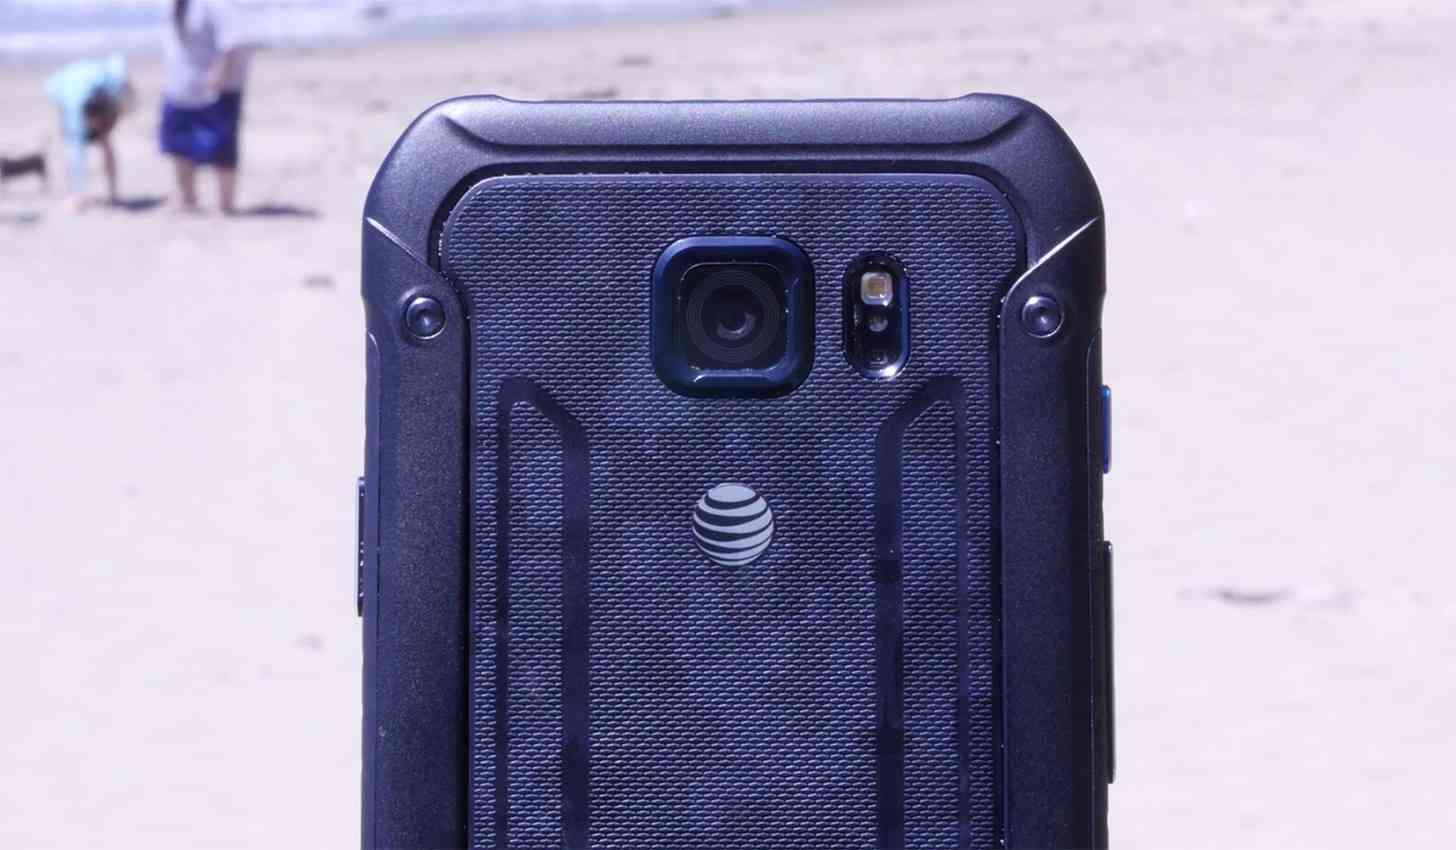 AT&T Galaxy S6 active